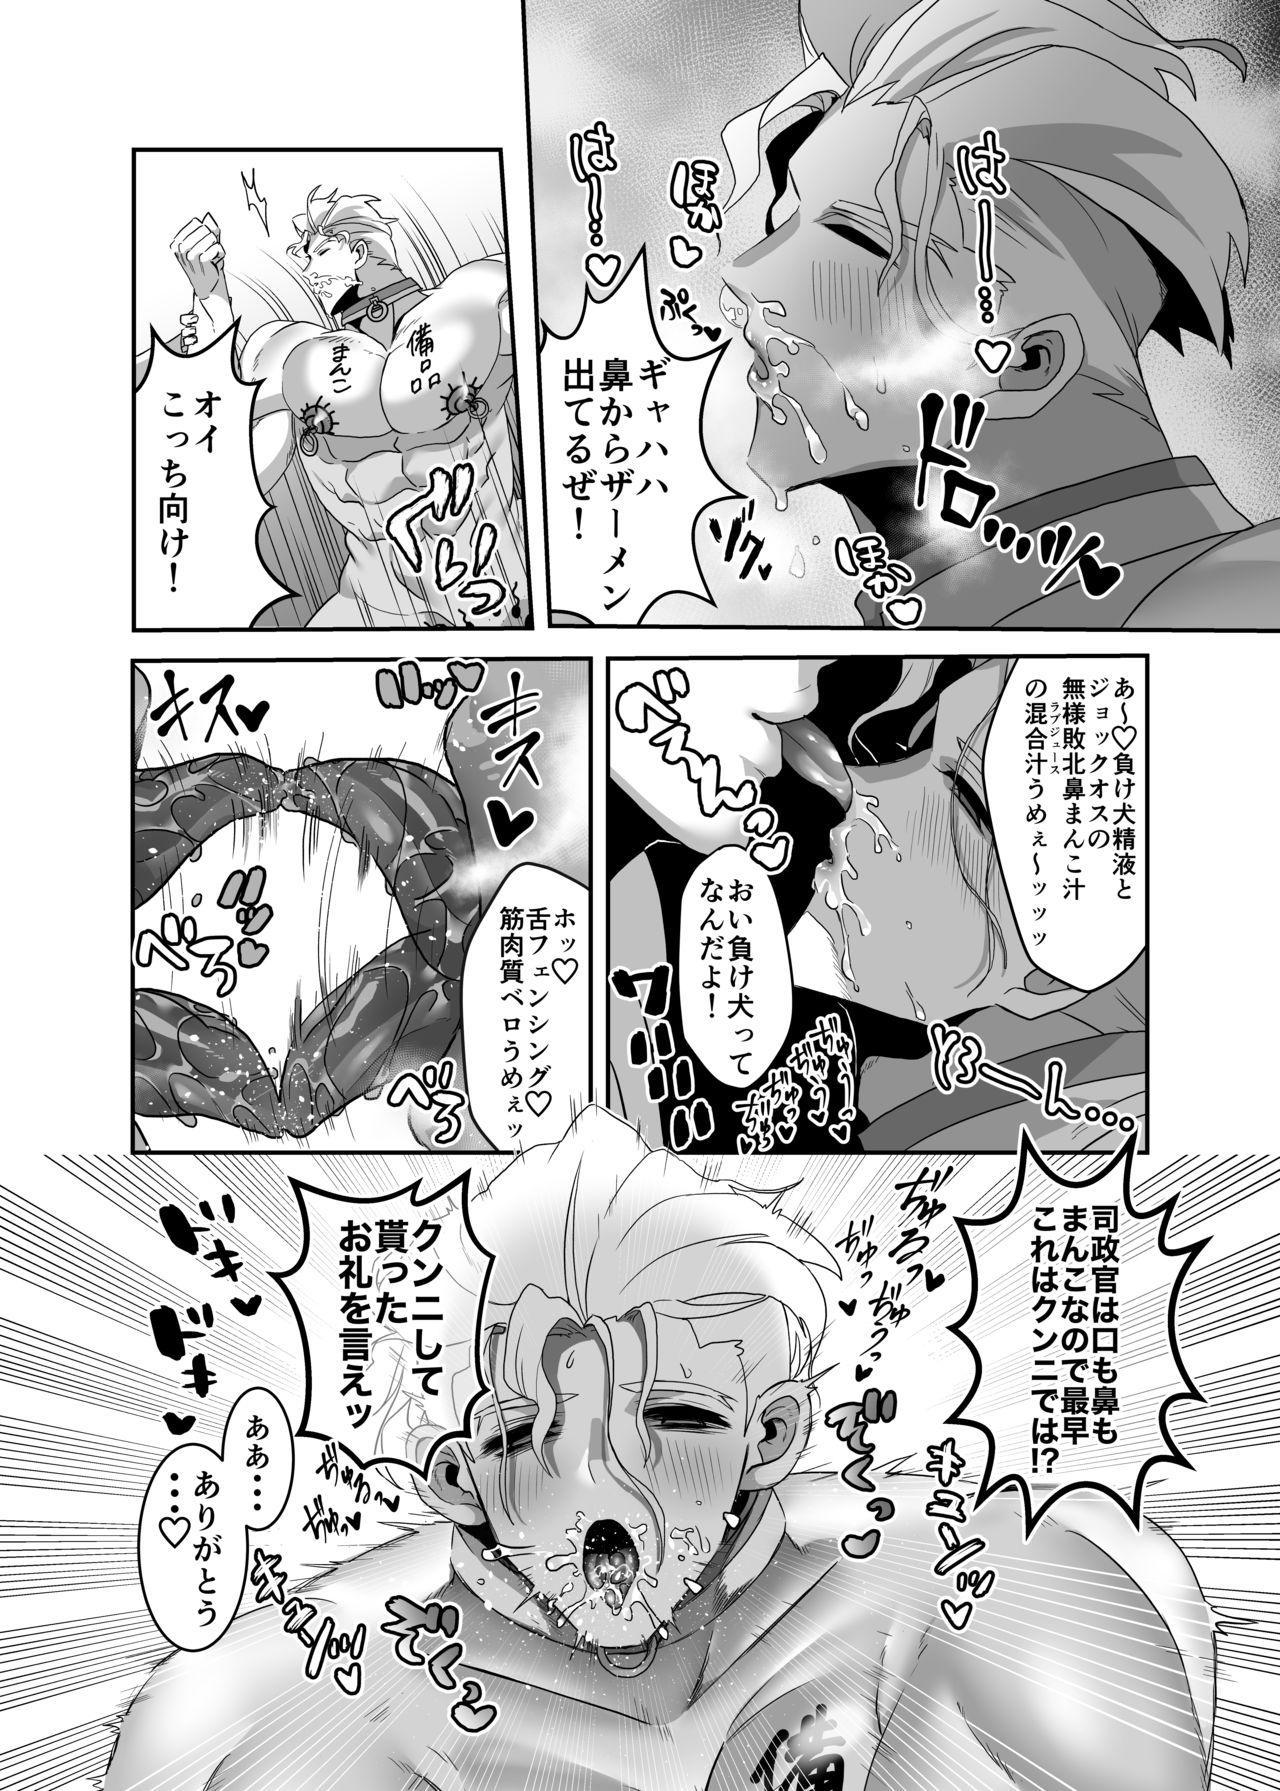 Masaka Ano Promepolis Shiseikan ga Saimin Appli de Seidorei ni Ochiru nante 6